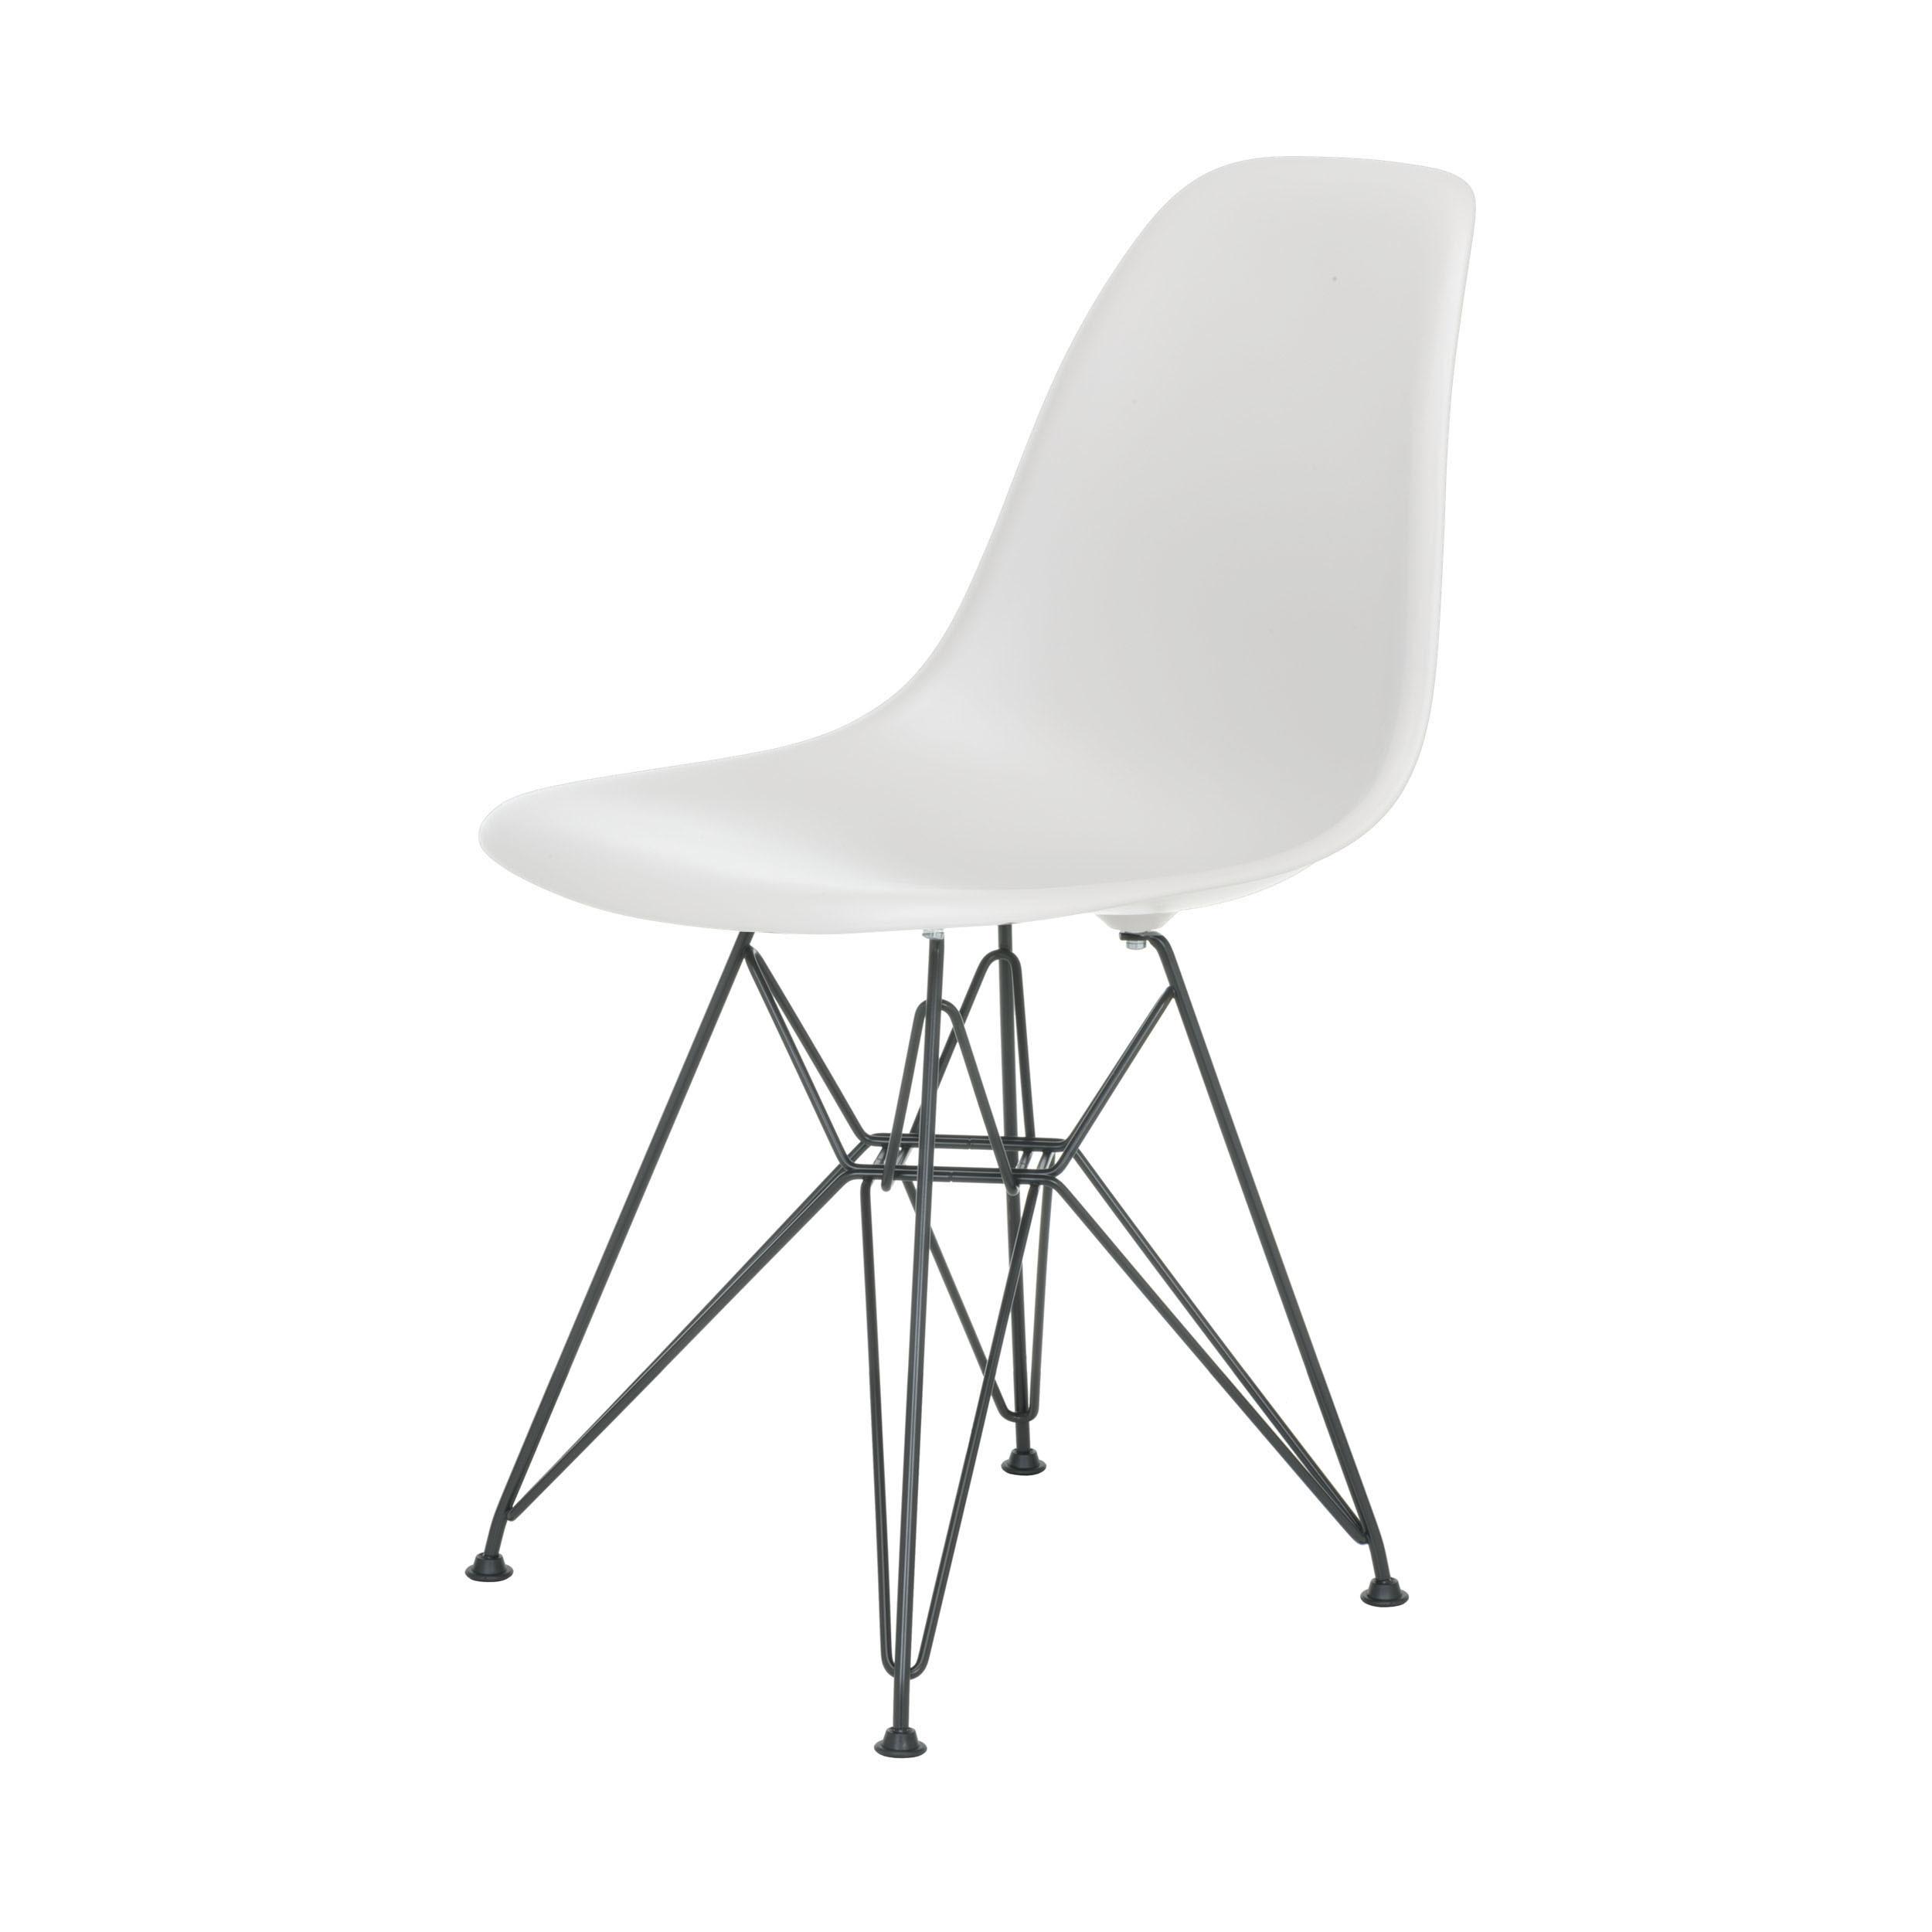 eames plastic side chair stuhl dsr mit filzgleitern weiss schwarz online kaufen. Black Bedroom Furniture Sets. Home Design Ideas